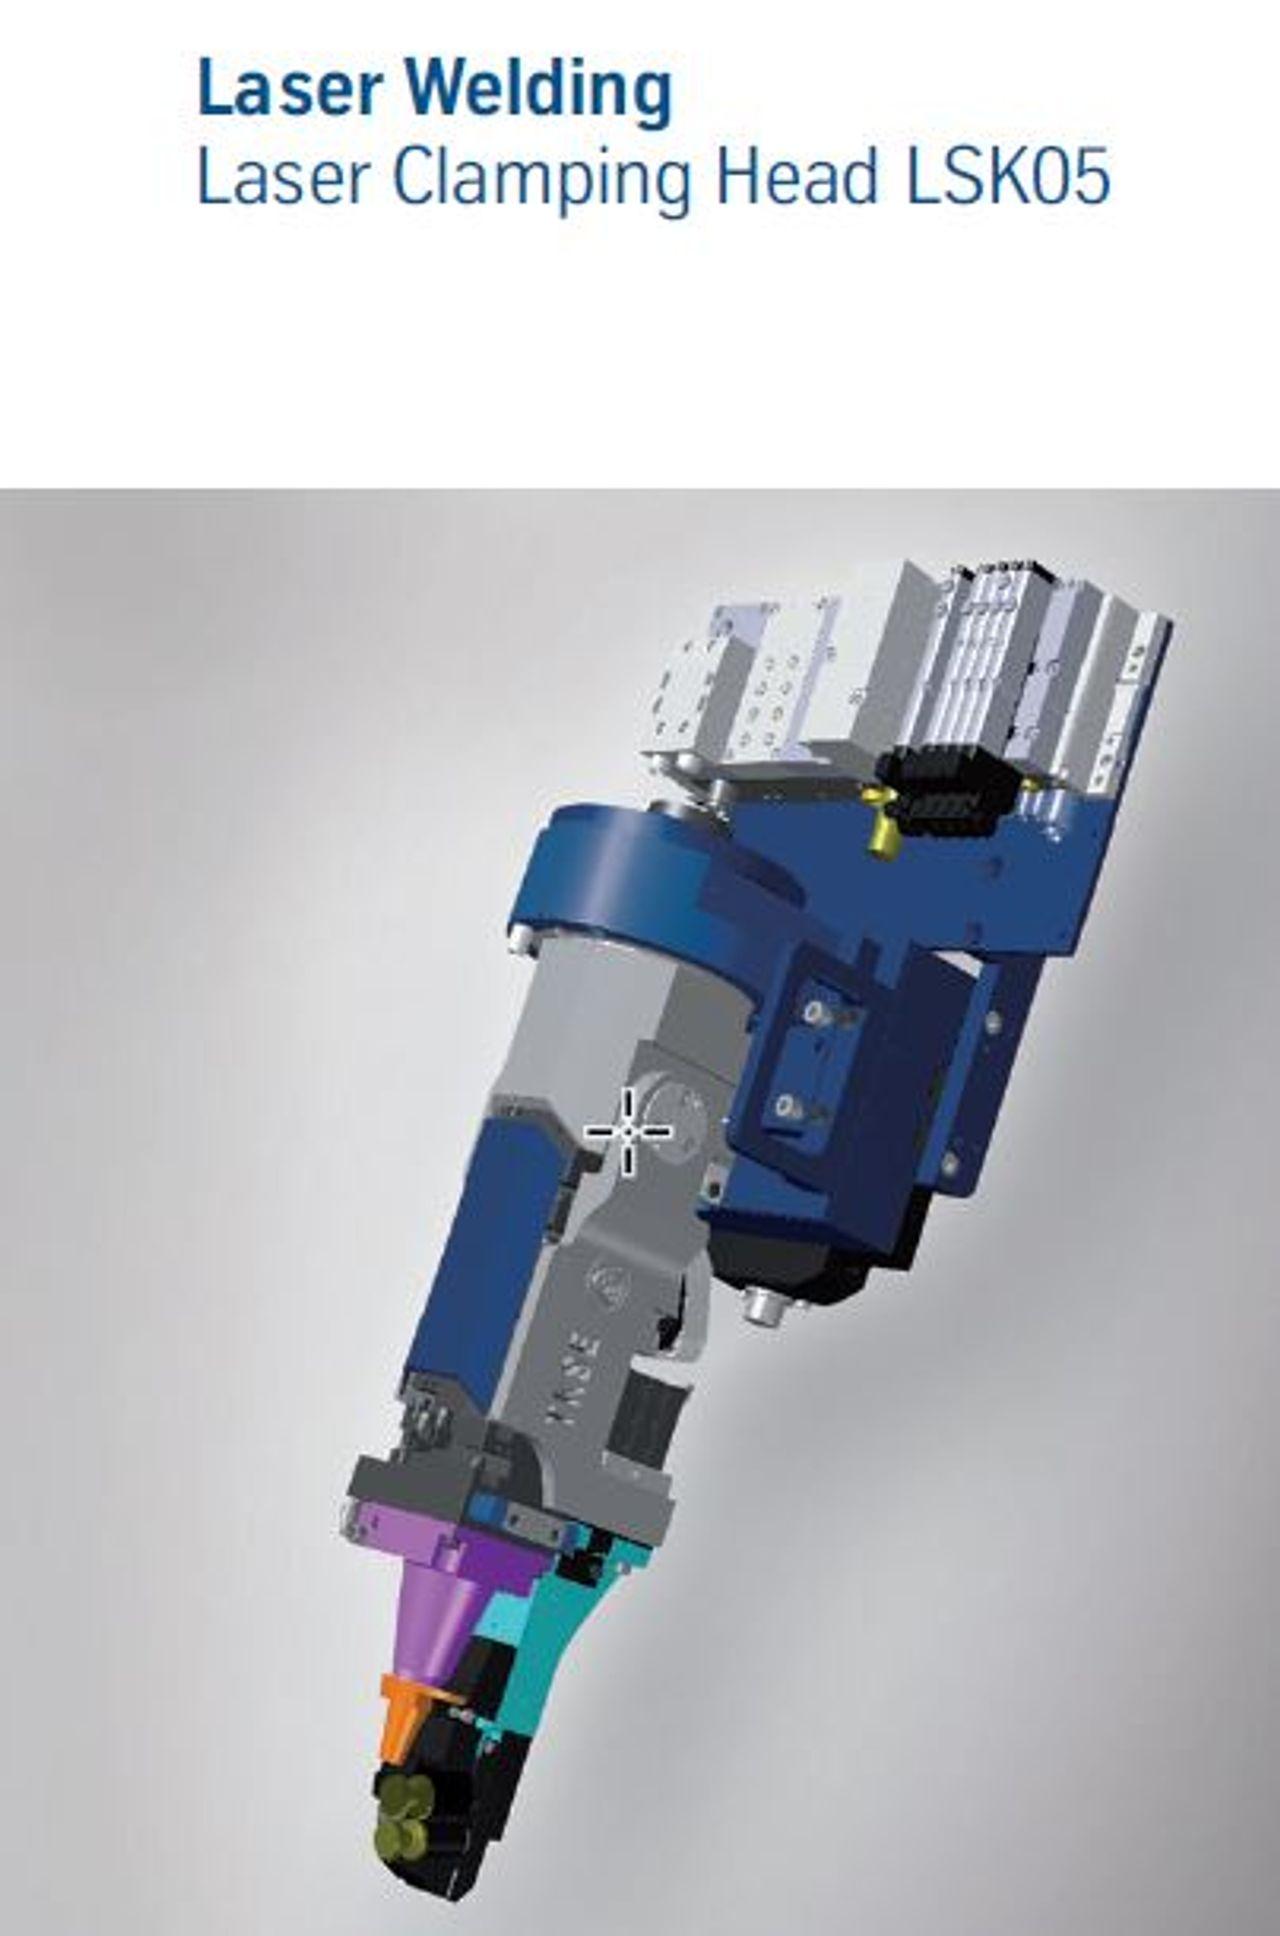 Laser clamp head LSK05-01